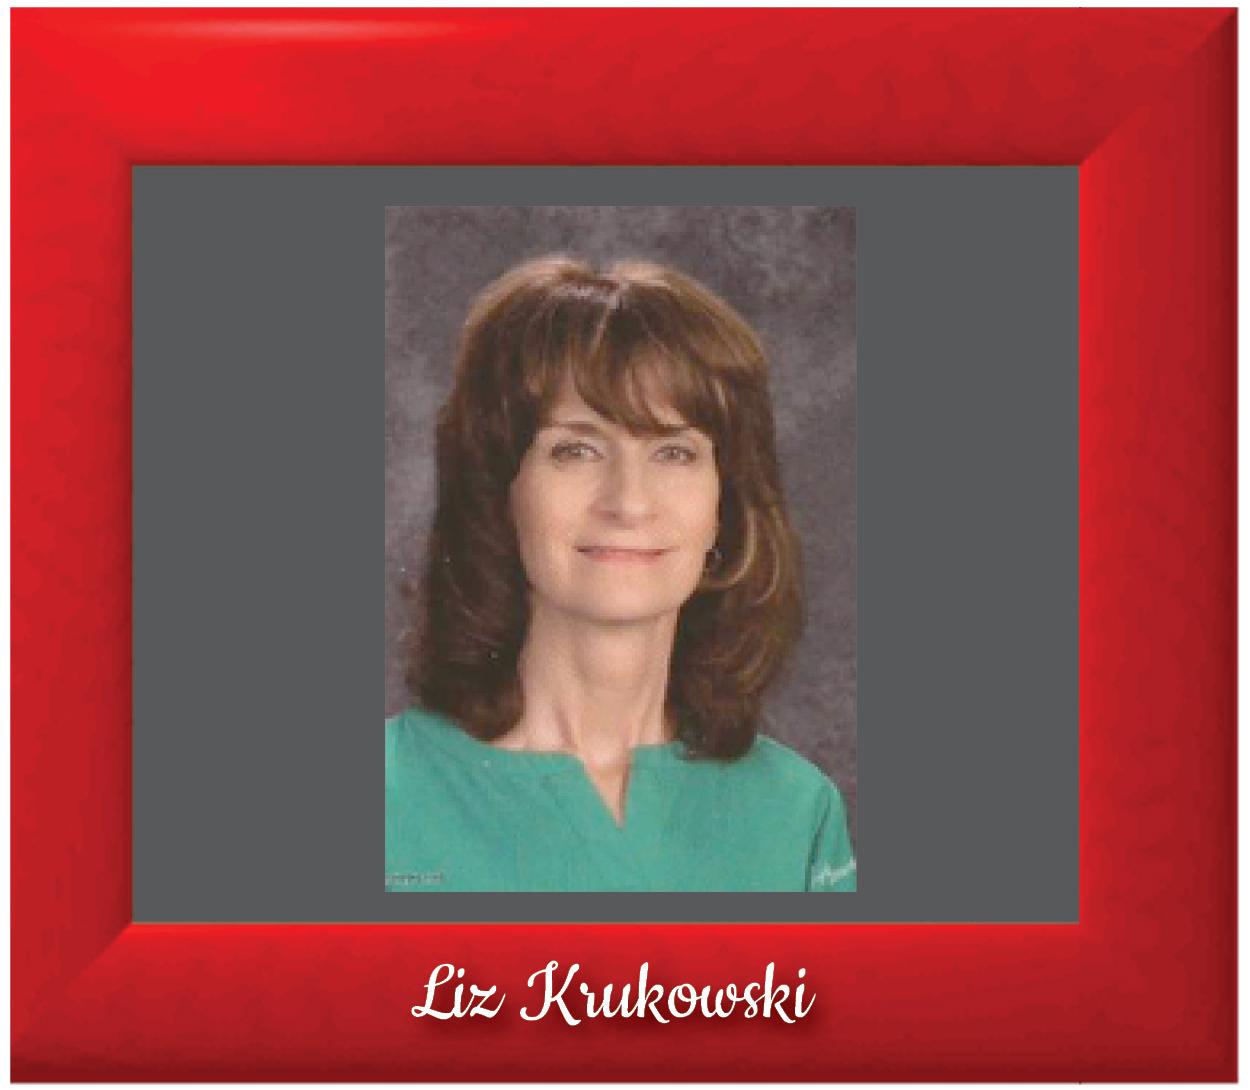 Liz Krukowski